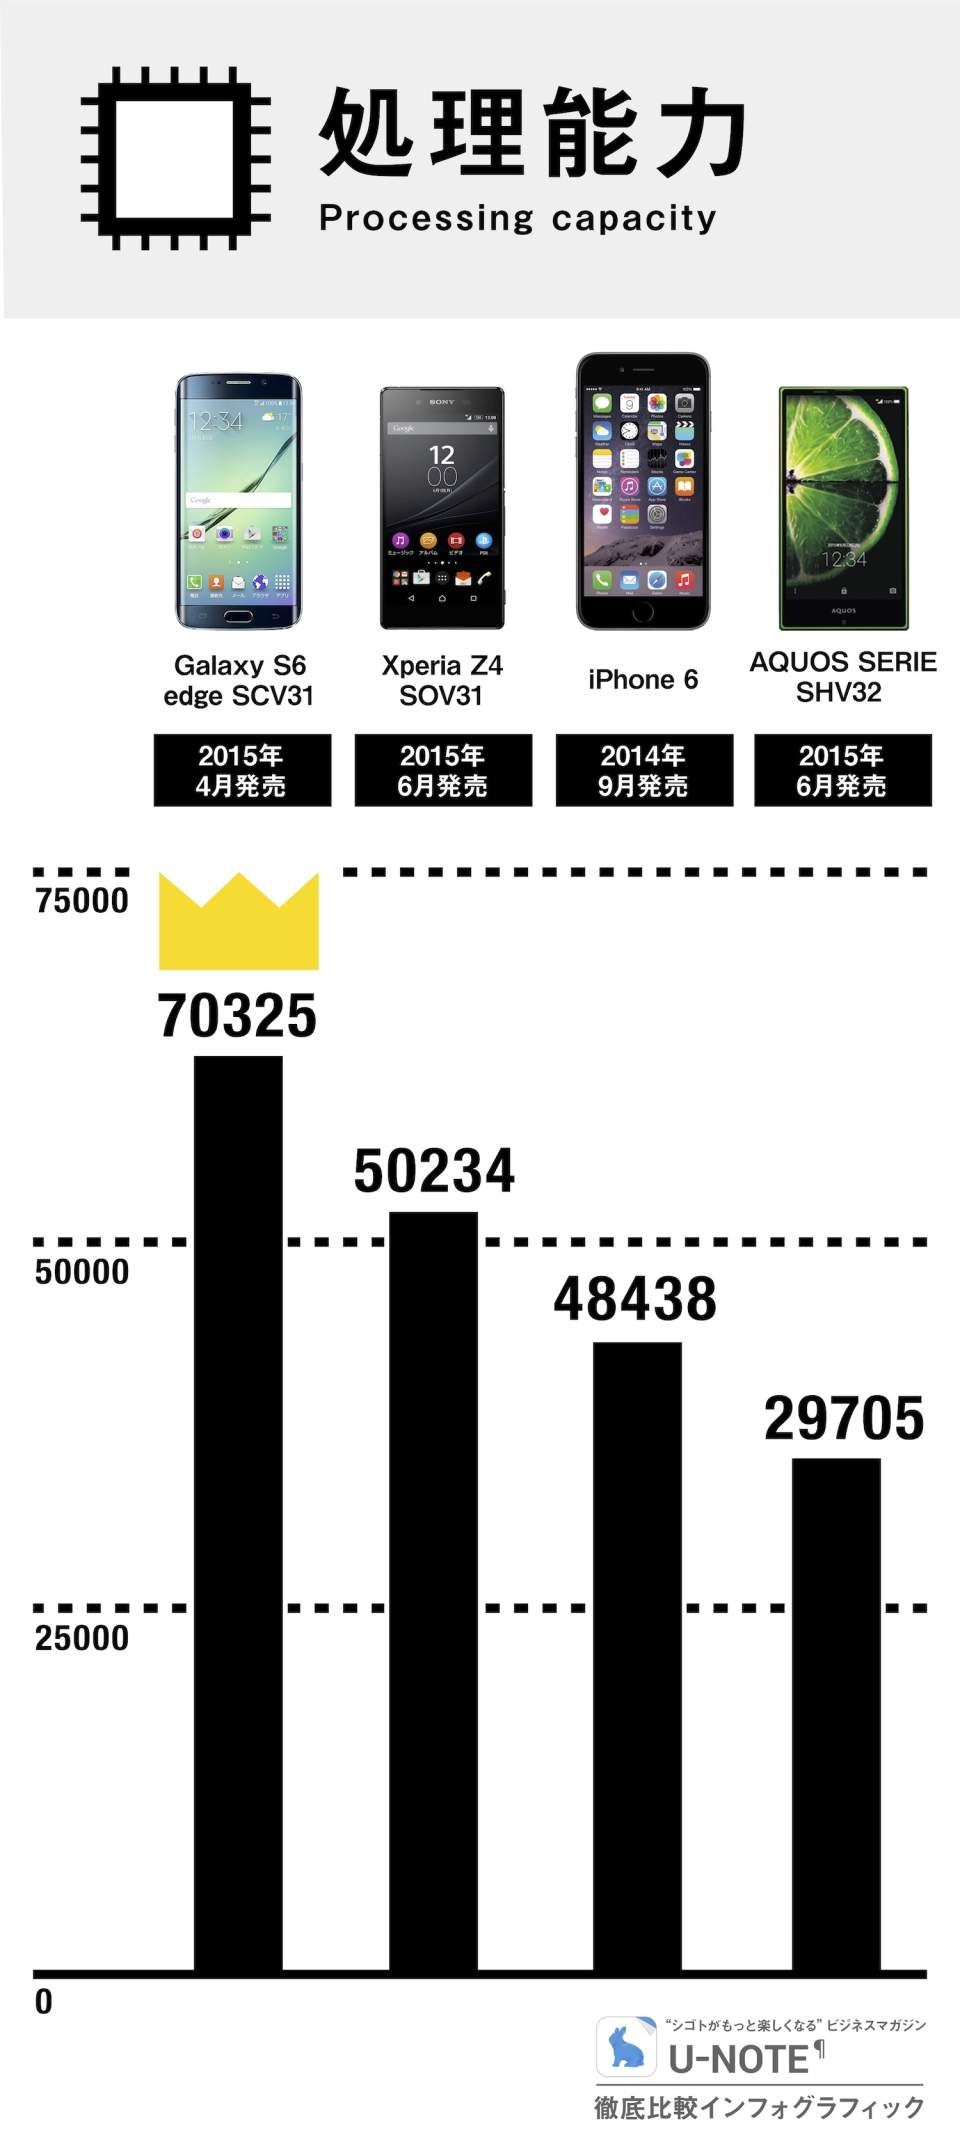 生まれ変わったGalaxy S6 edgeは、最強スマホたりえるか:徹底比較インフォグラフィック 4番目の画像